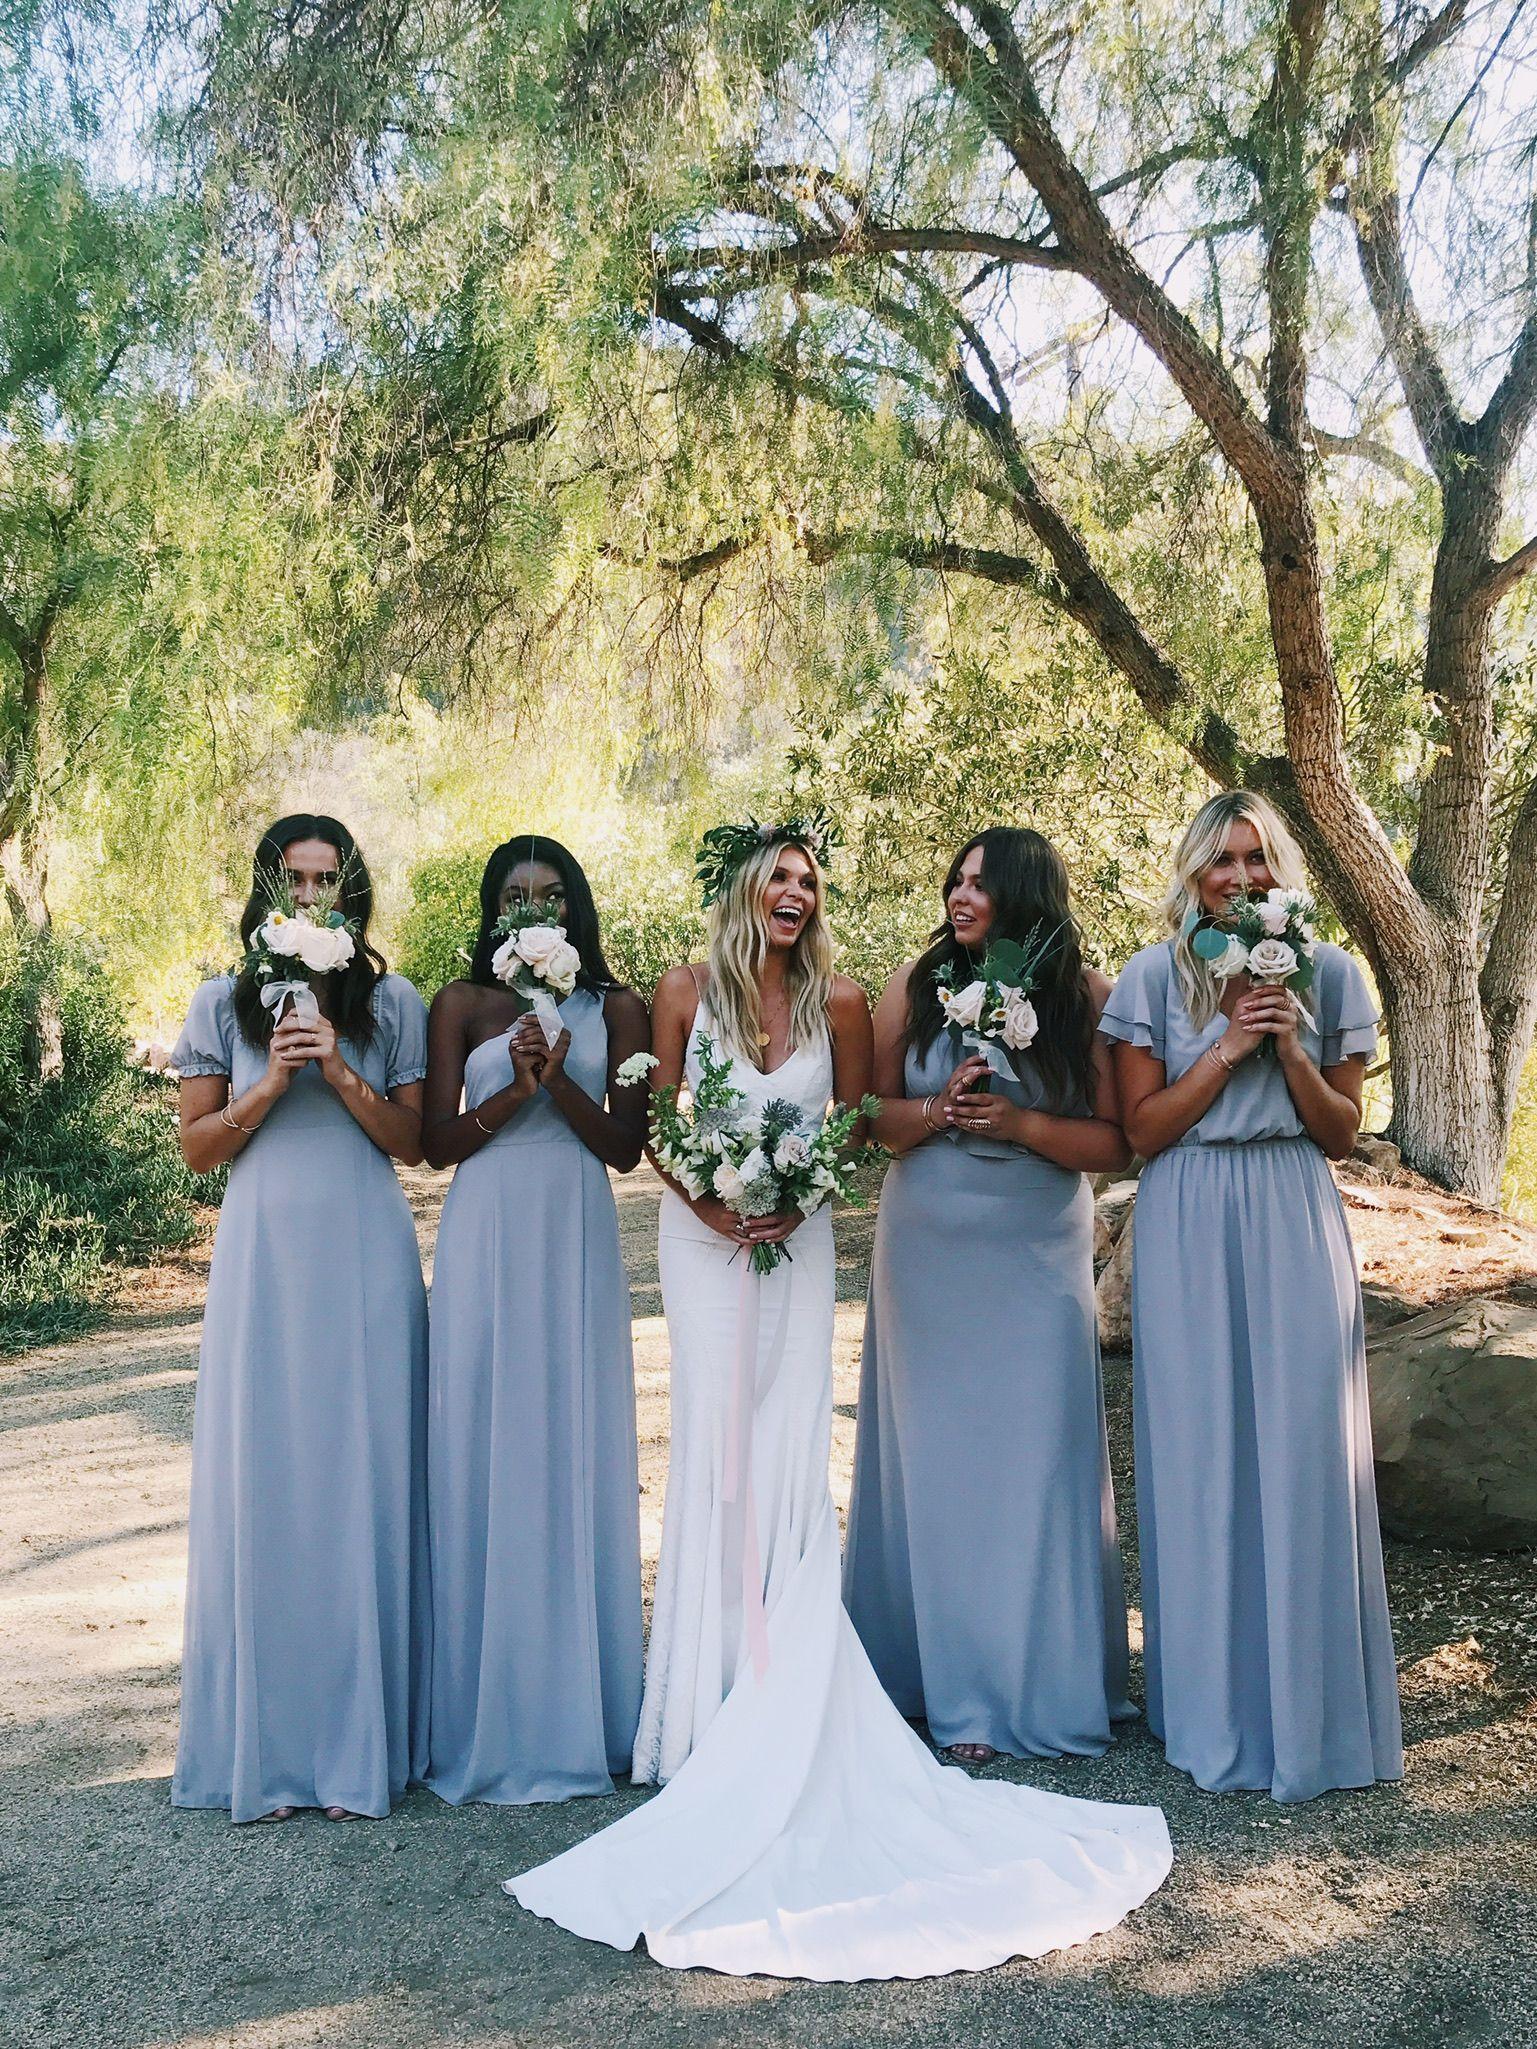 Show Me Your Mumu Dove Grey Bridesmaids Dresses Mumuweddings Mumubridesmaids Summer Bridesmaid Dresses Summer Bridesmaids Wedding [ 2049 x 1537 Pixel ]